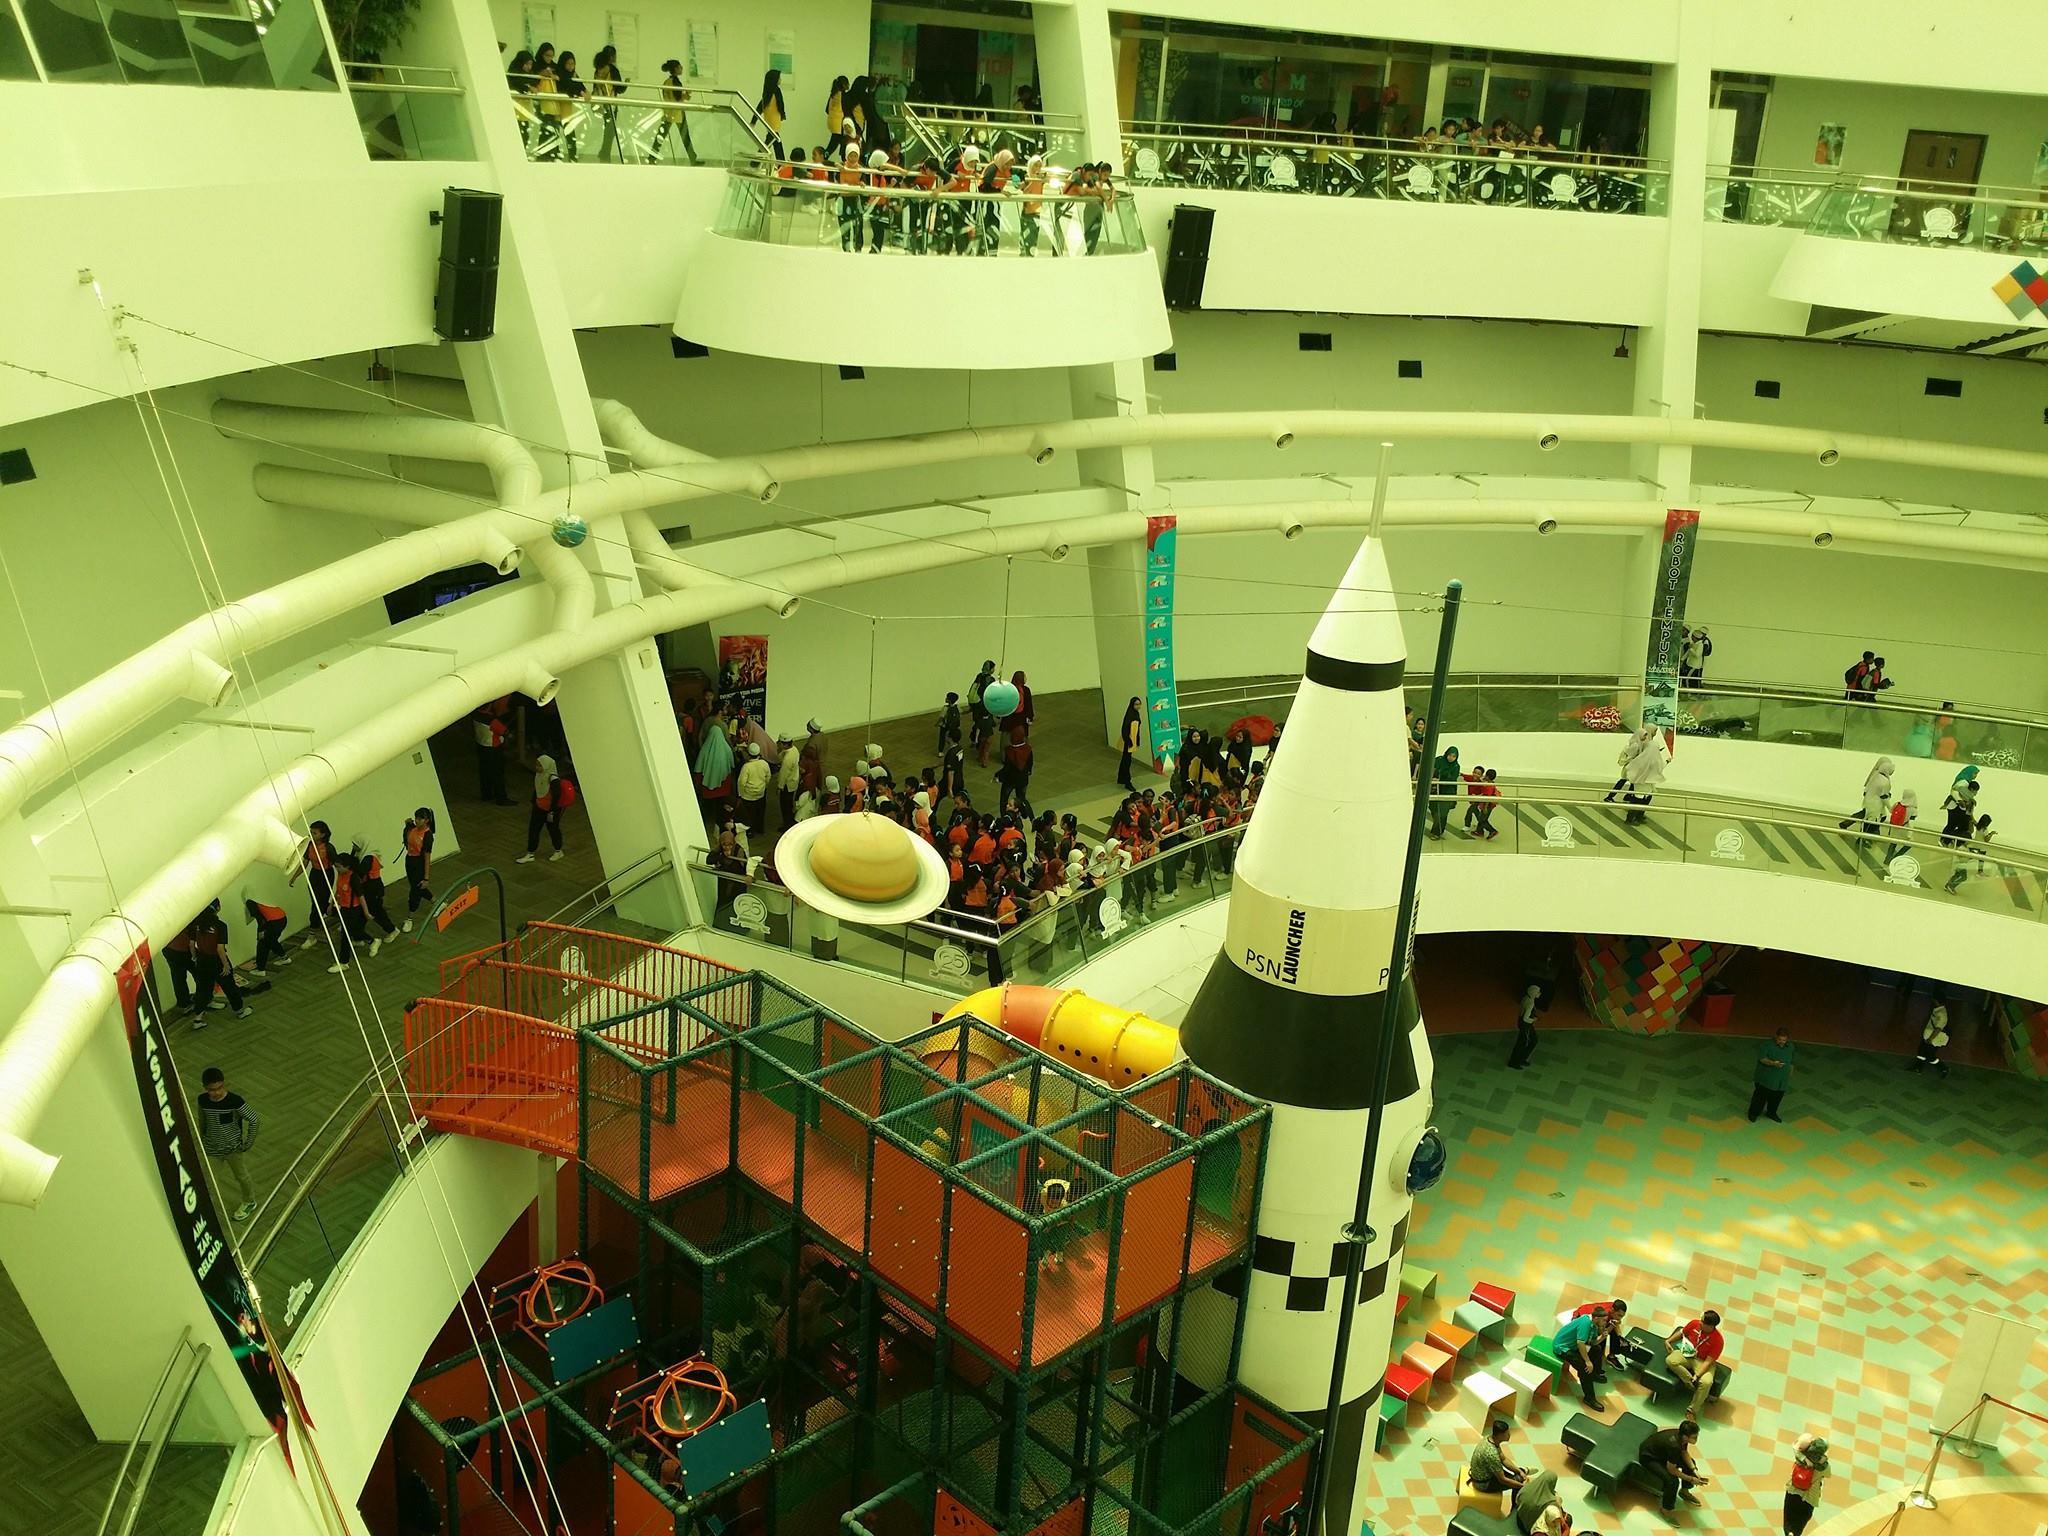 Image from Pusat Sains Negara Kuala Lumpur